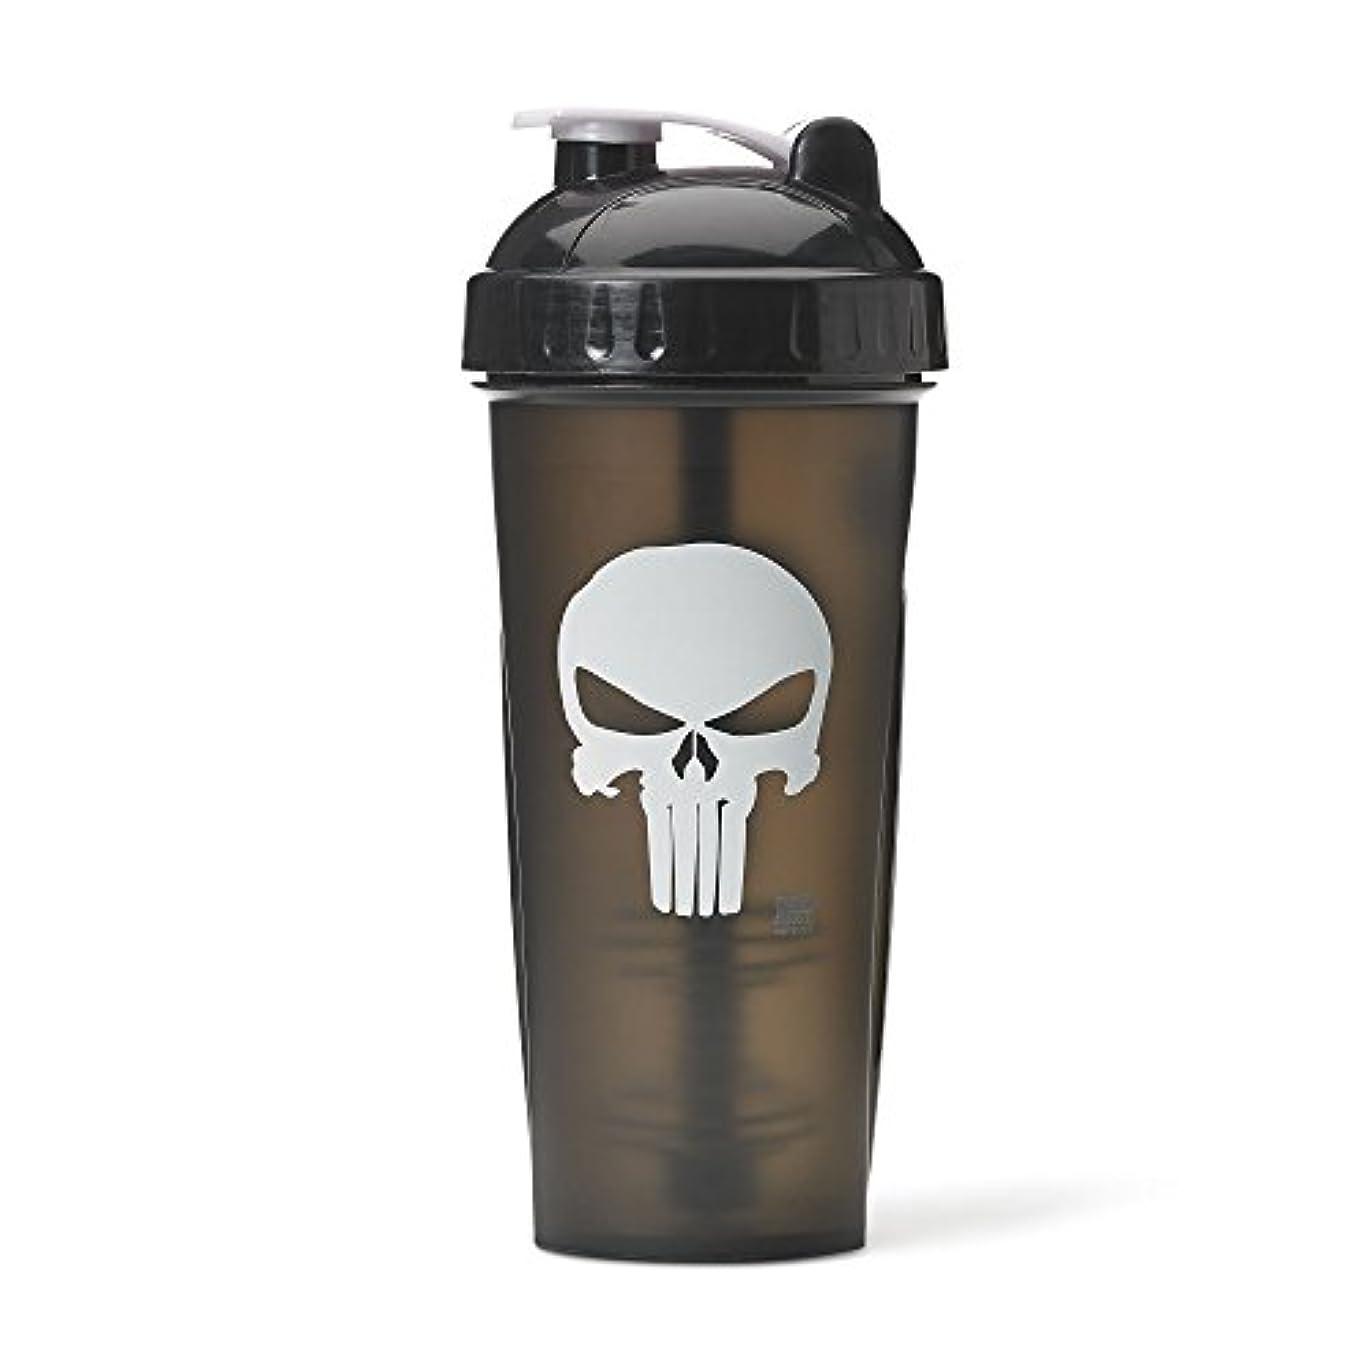 役立つ万歳口述Performa Marvel Shaker - Original Series, Leak Free Protein Shaker Bottle with Actionrod Mixing Technology for...